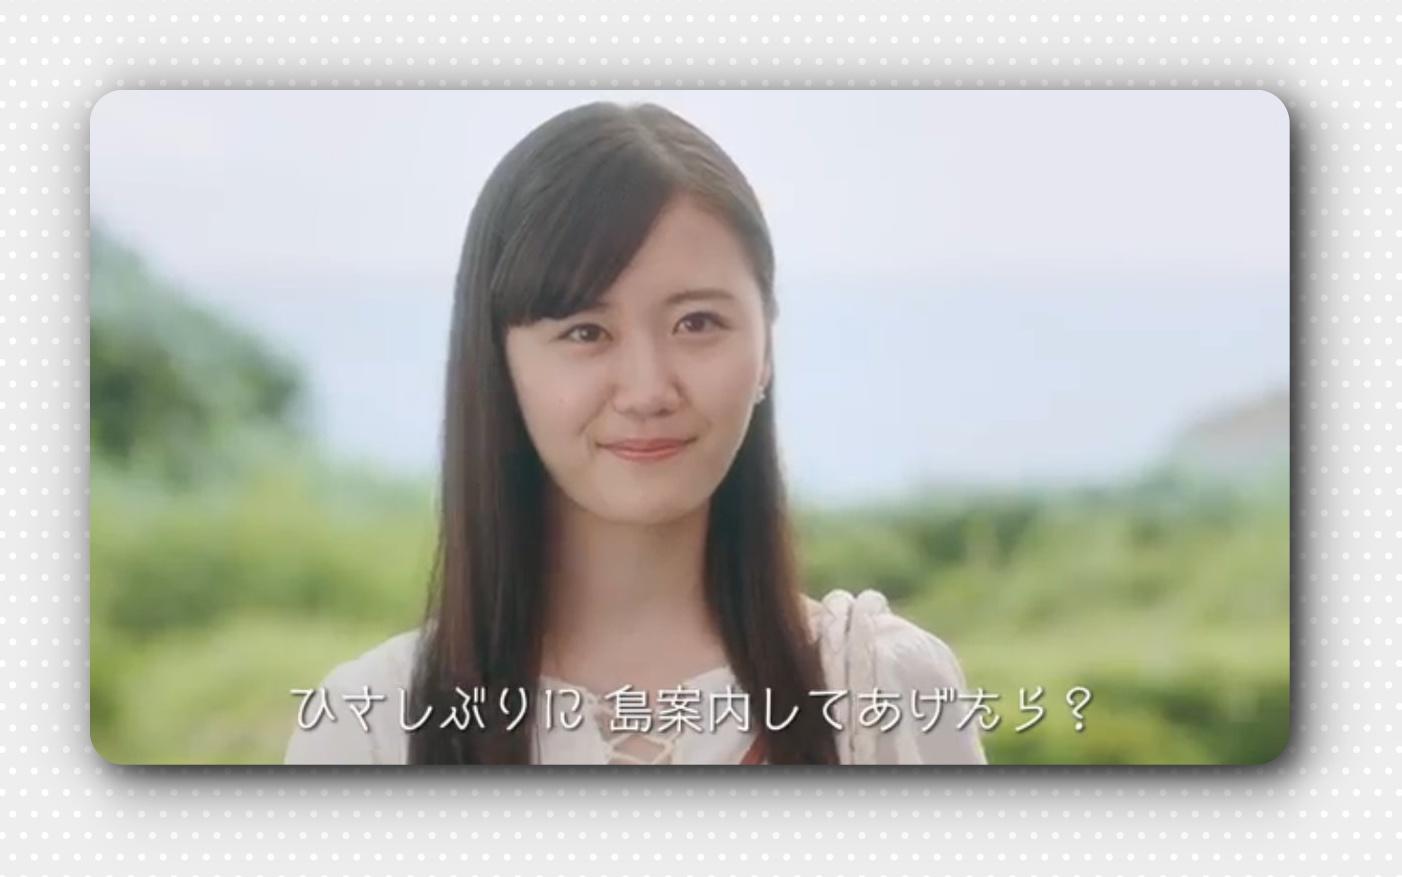 スカッとジャパンファミレス店員役の女優は誰?鈴木つく詩でかわいい!